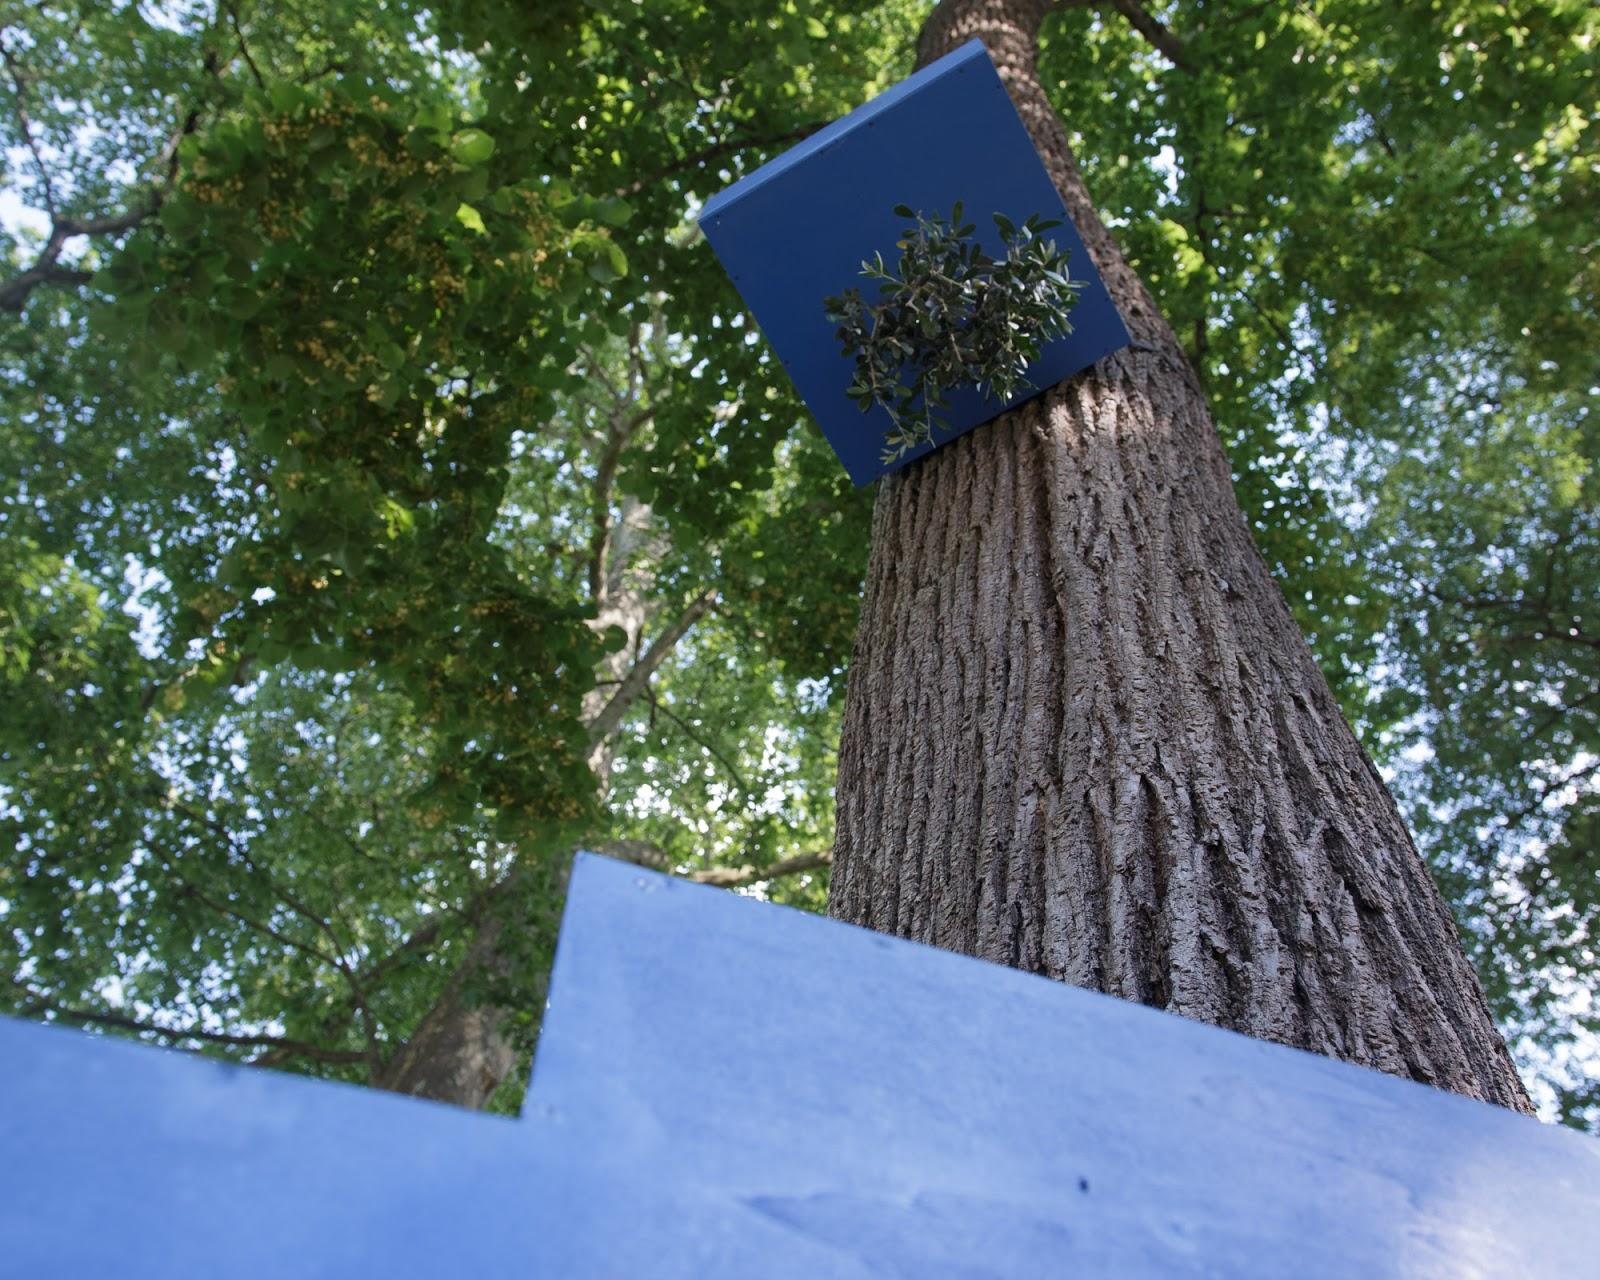 Cahors juin jardins le festival qui cultive l 39 art for Entretien jardin cahors